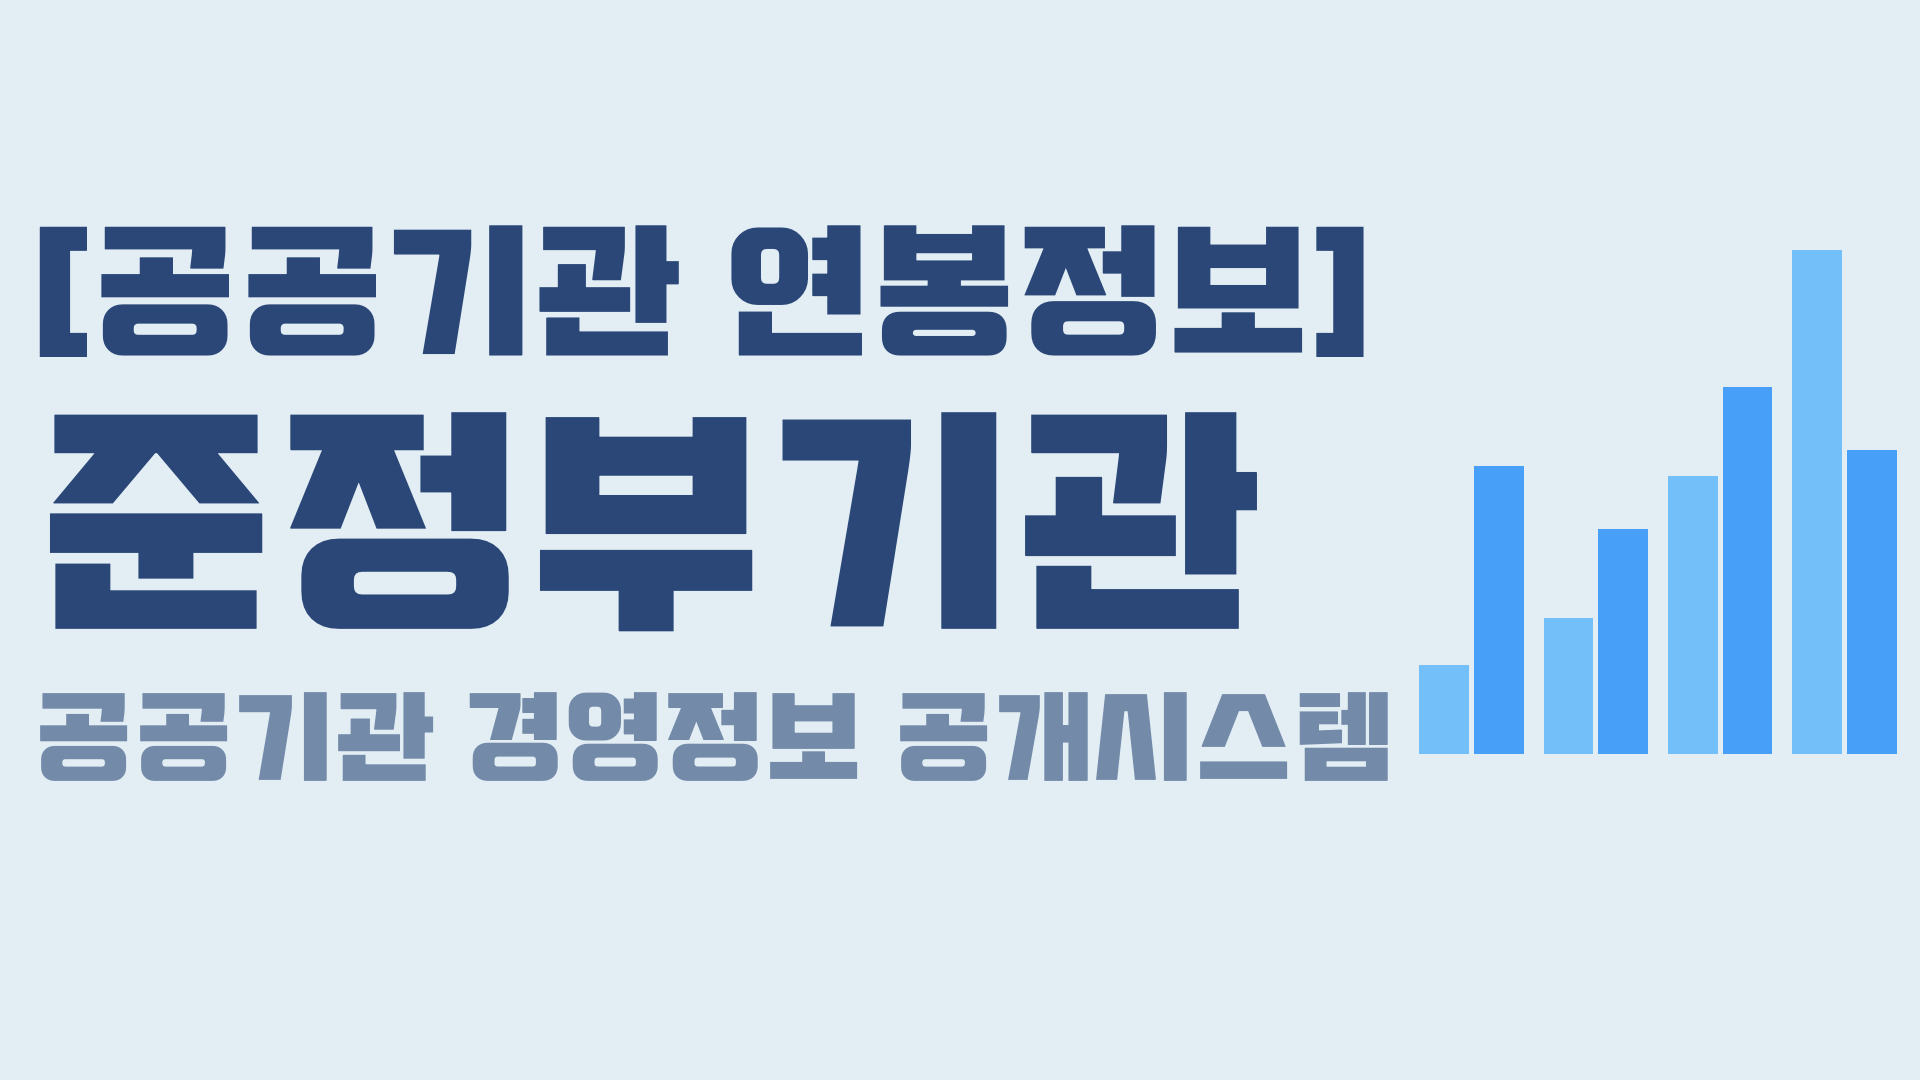 [공공기관 임금] 준정부기관 기관별 연봉 정보